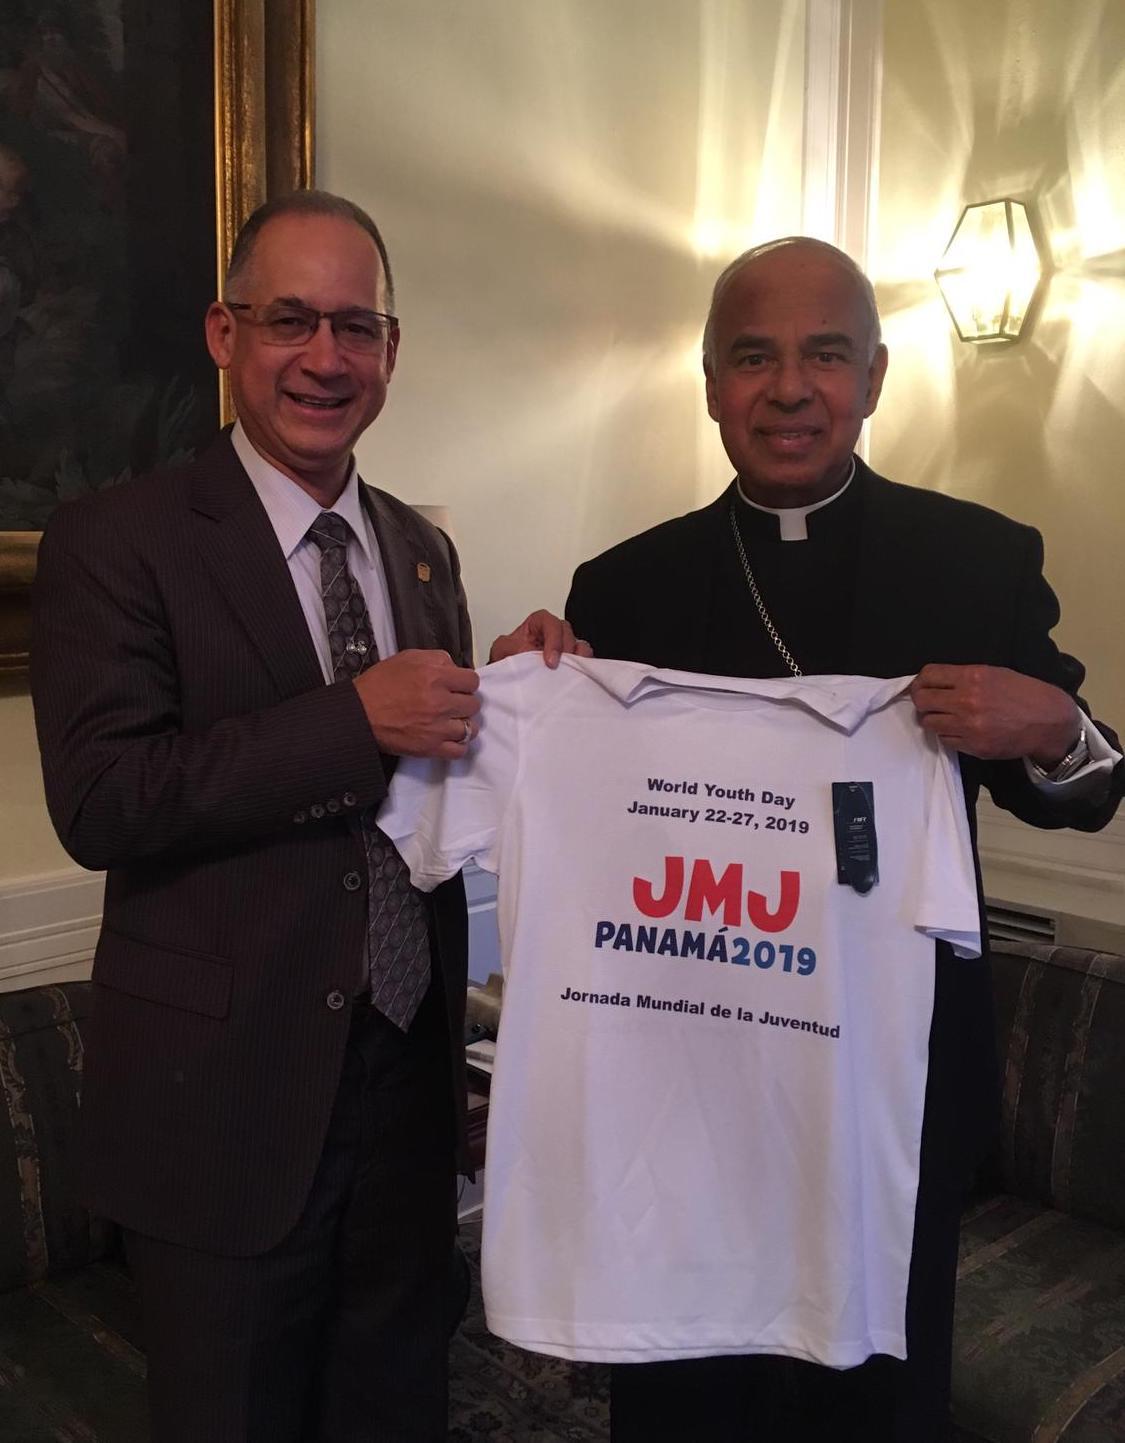 ローマ教皇大使へのTシャツ贈呈